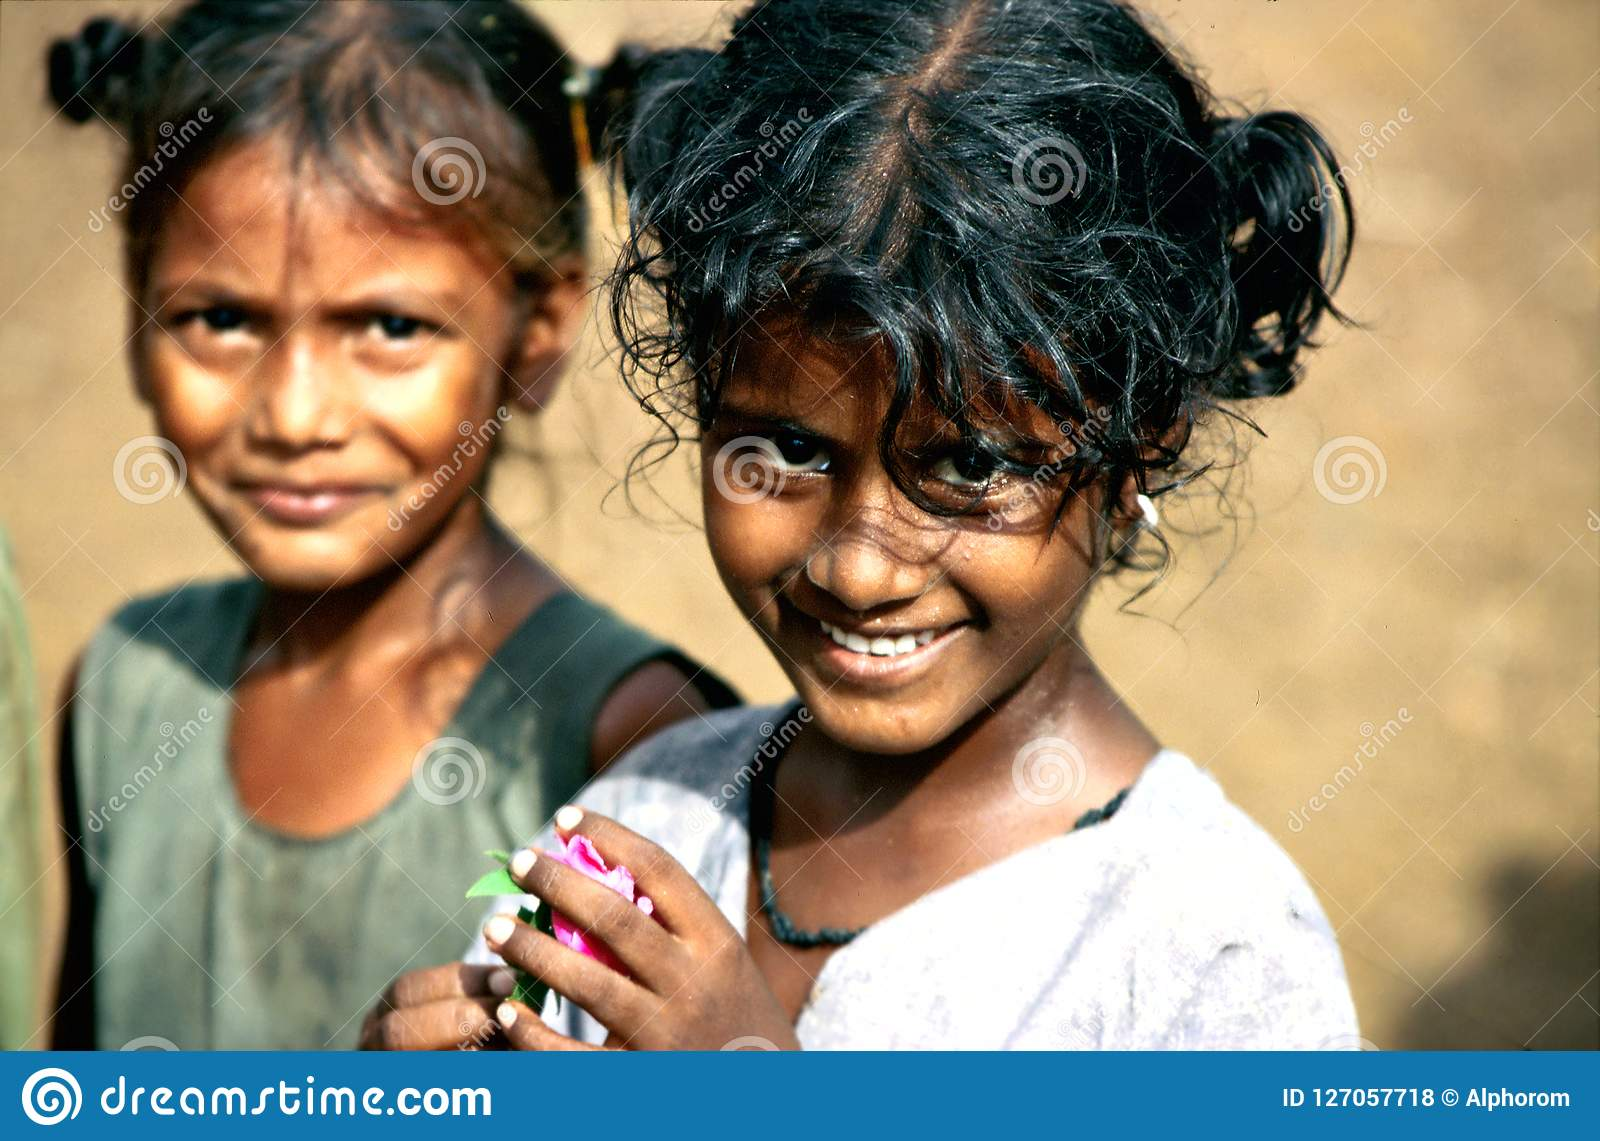 安得拉邦,印度,大约2002年8月:女孩姿势在一个乡村